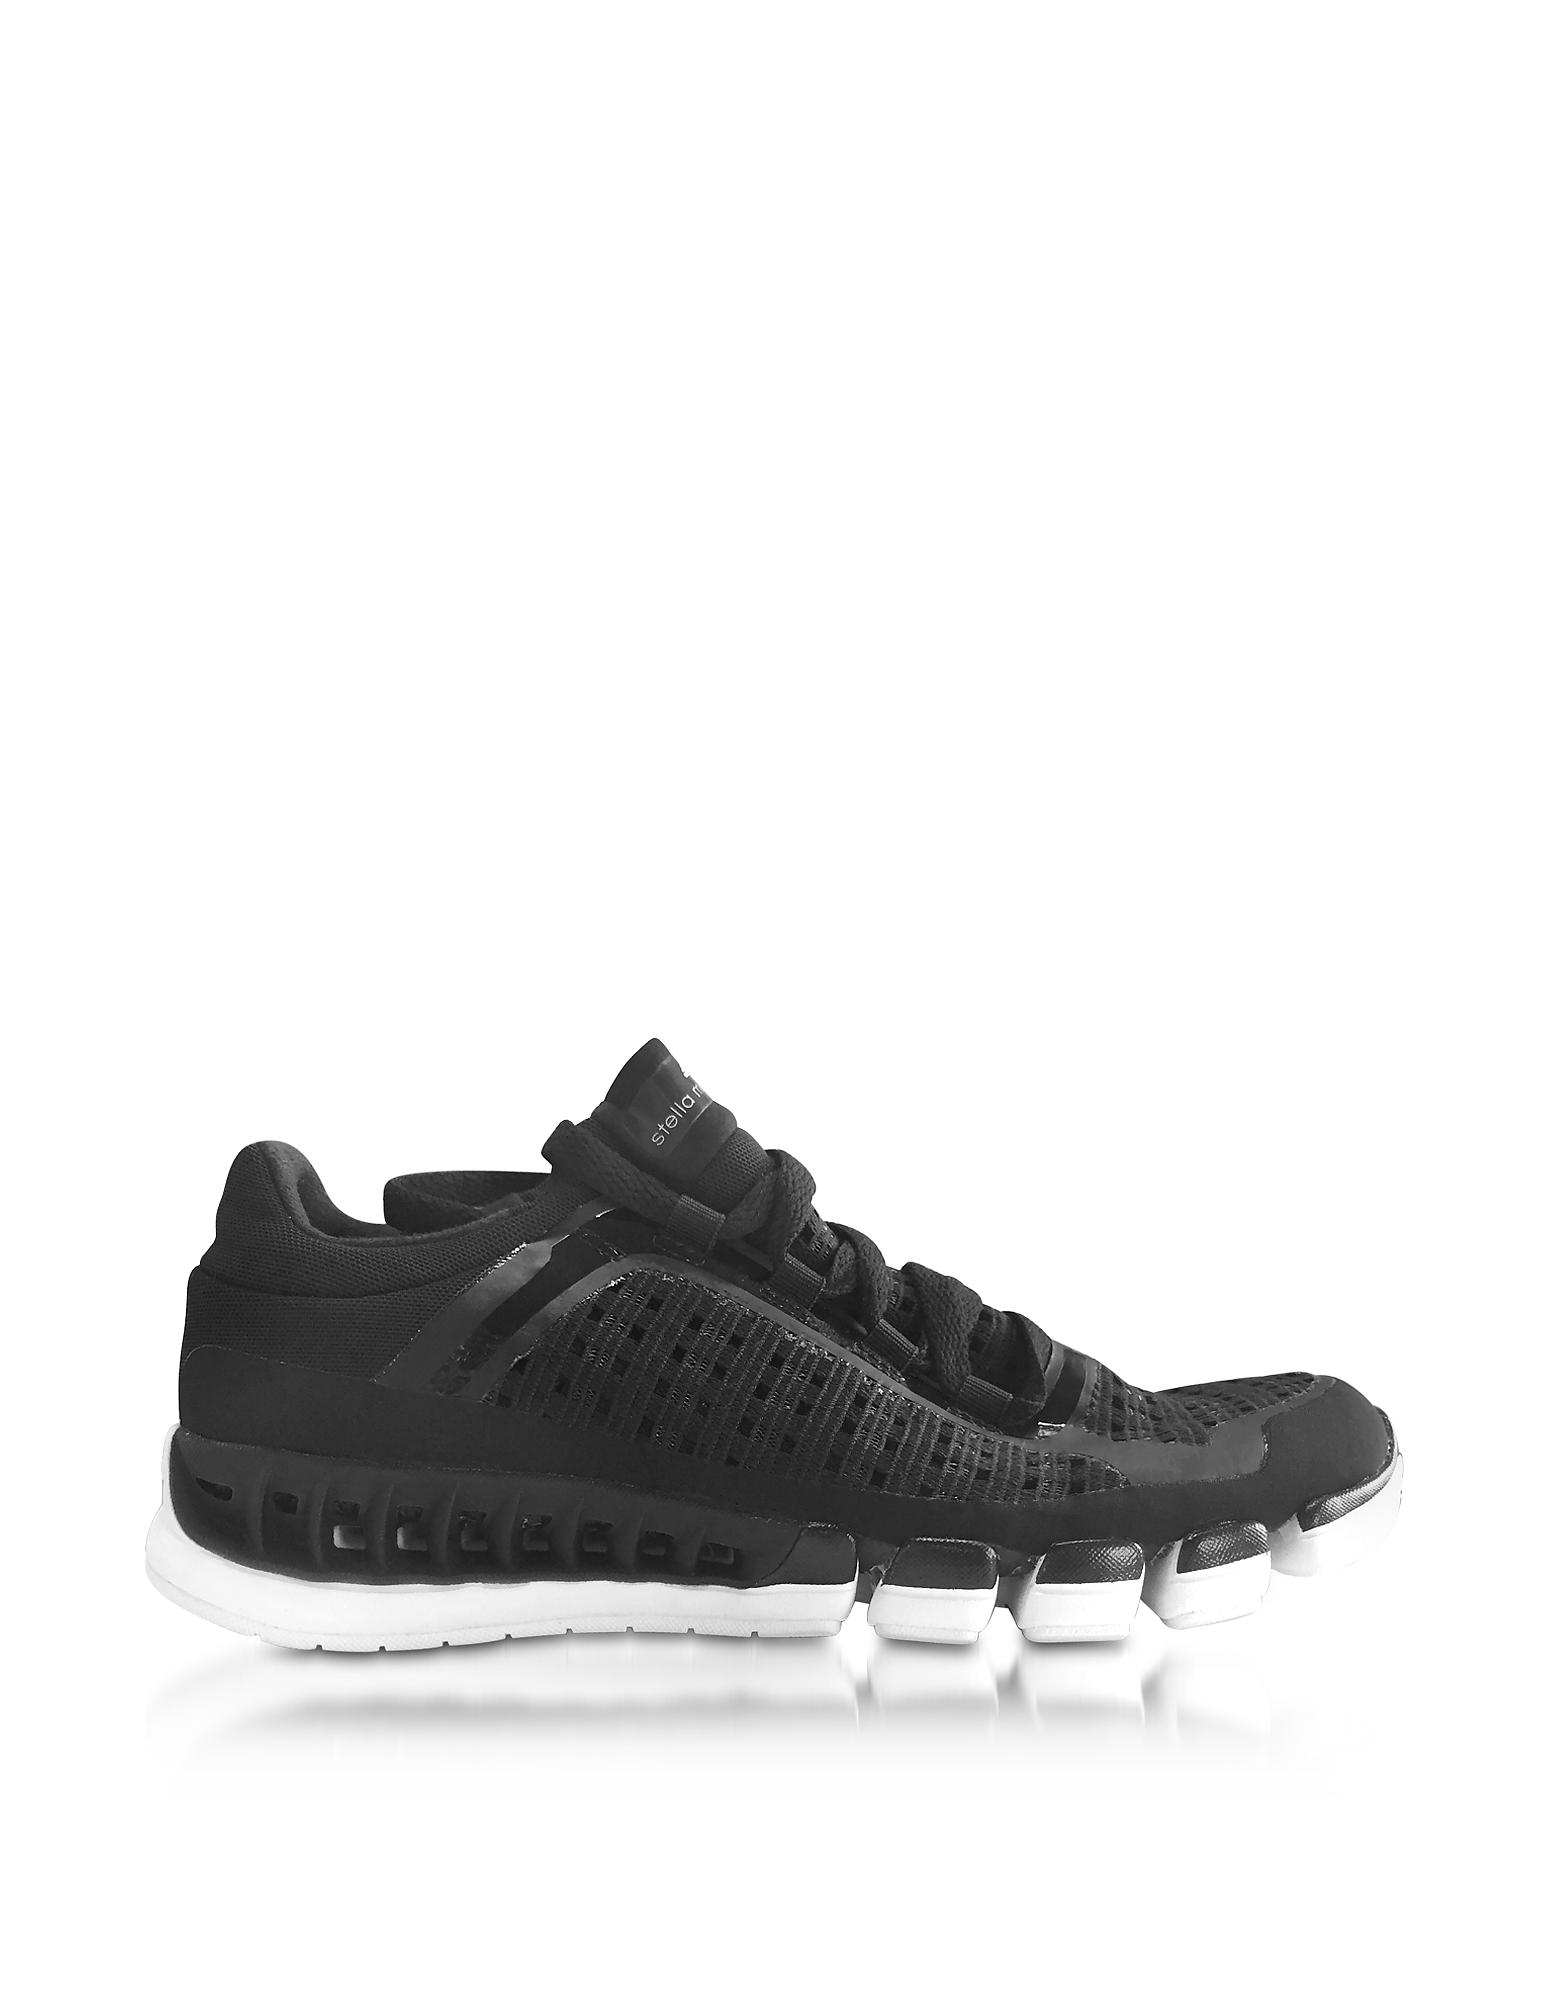 Adidas Stella McCartney Clima Cool Revolution - Черные Женские Кеды